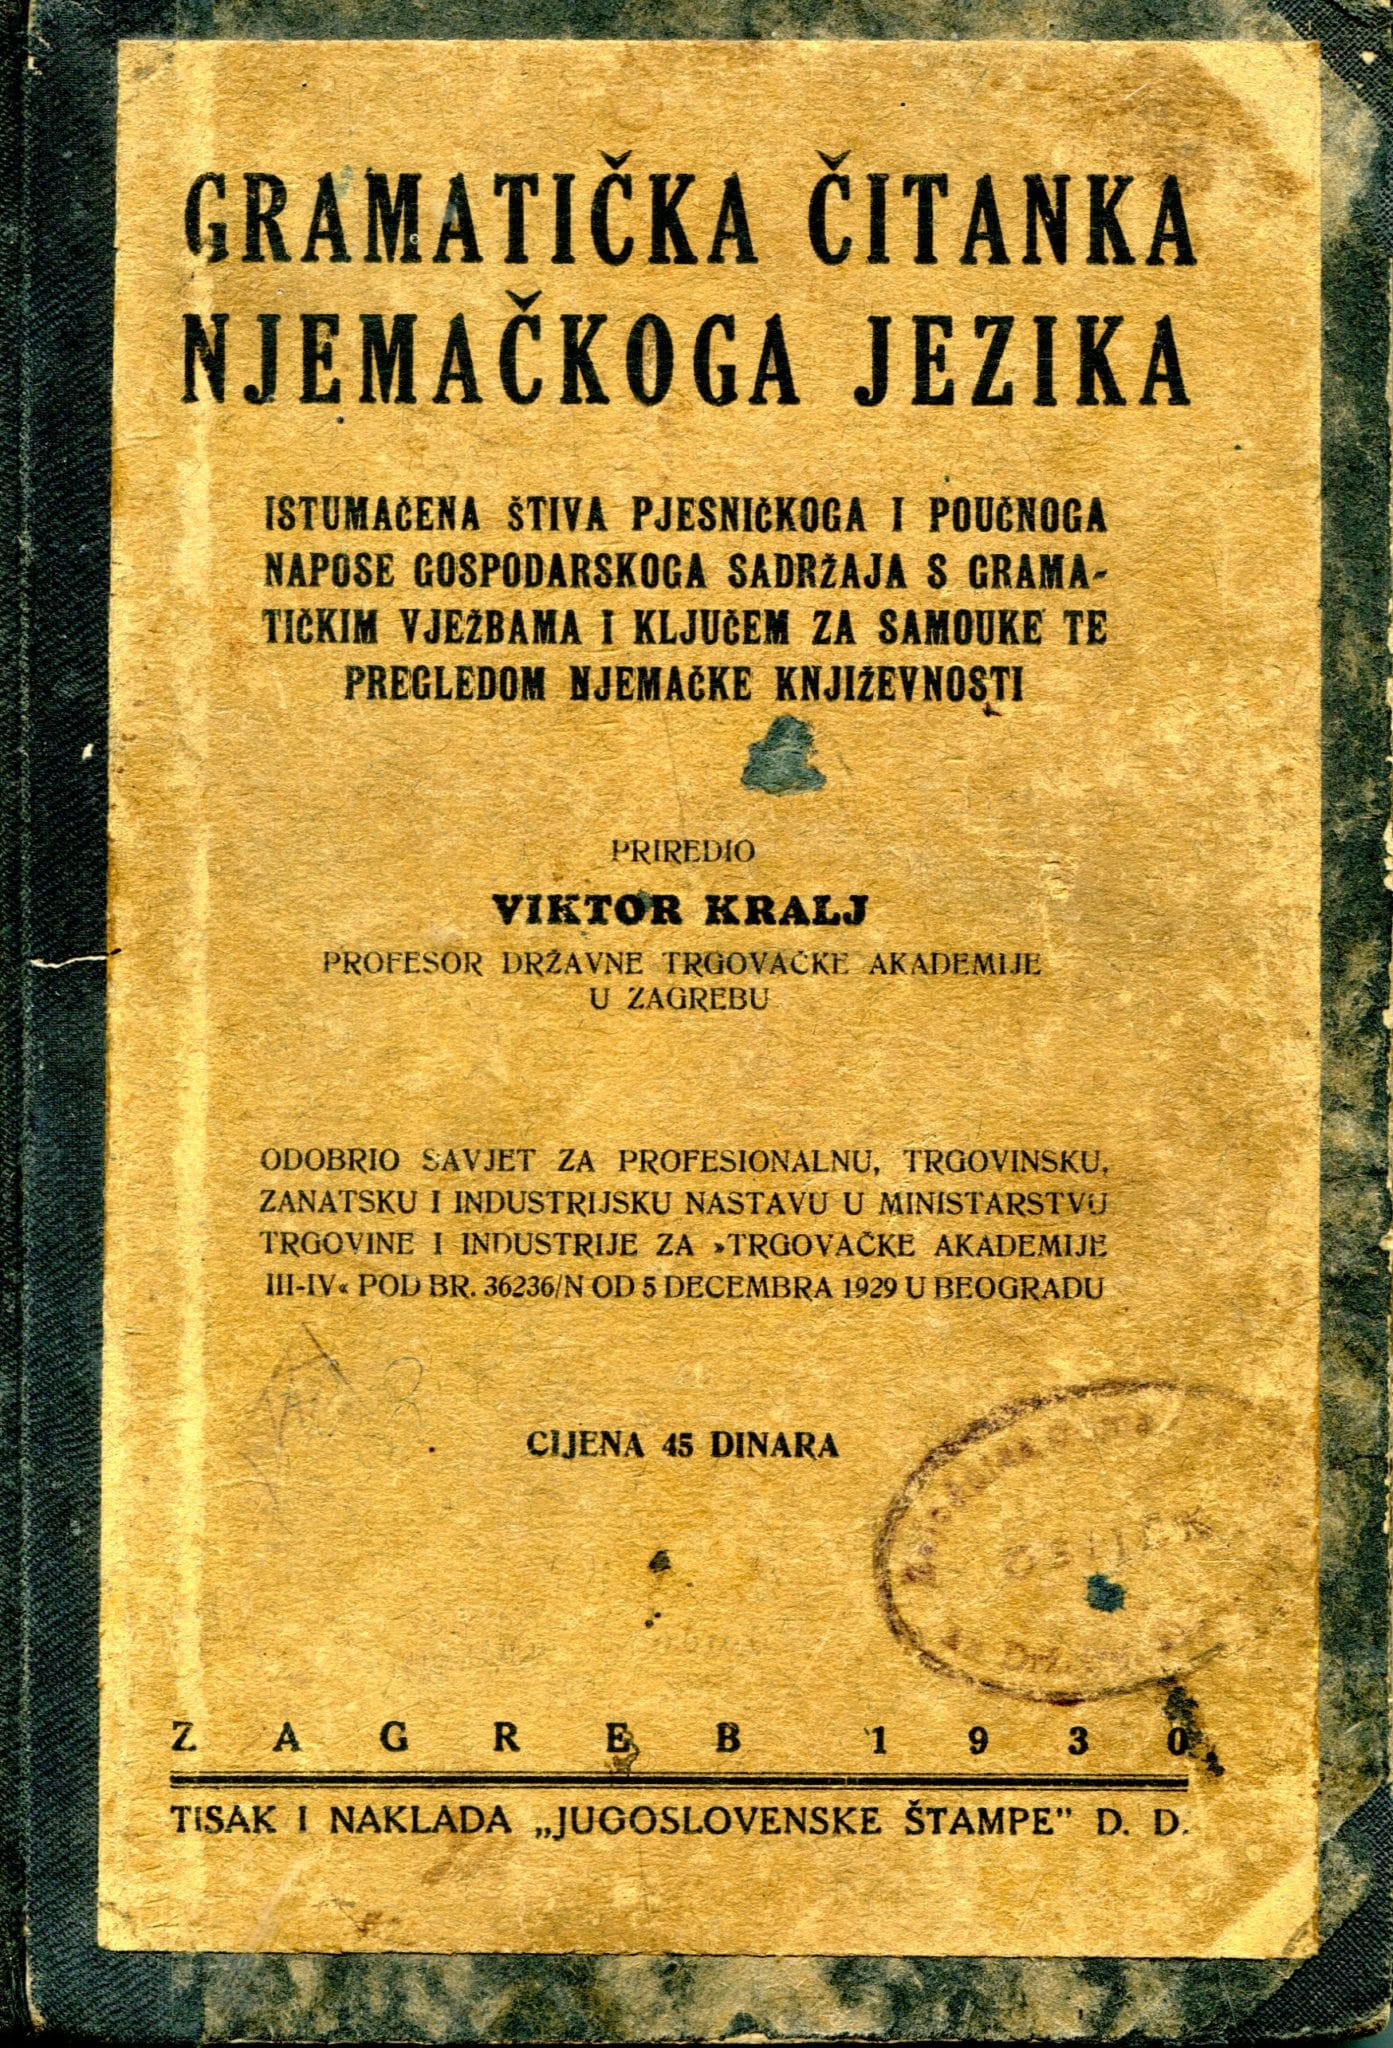 Gramatička čitanka njemačkoga jezika Viktor Kralj